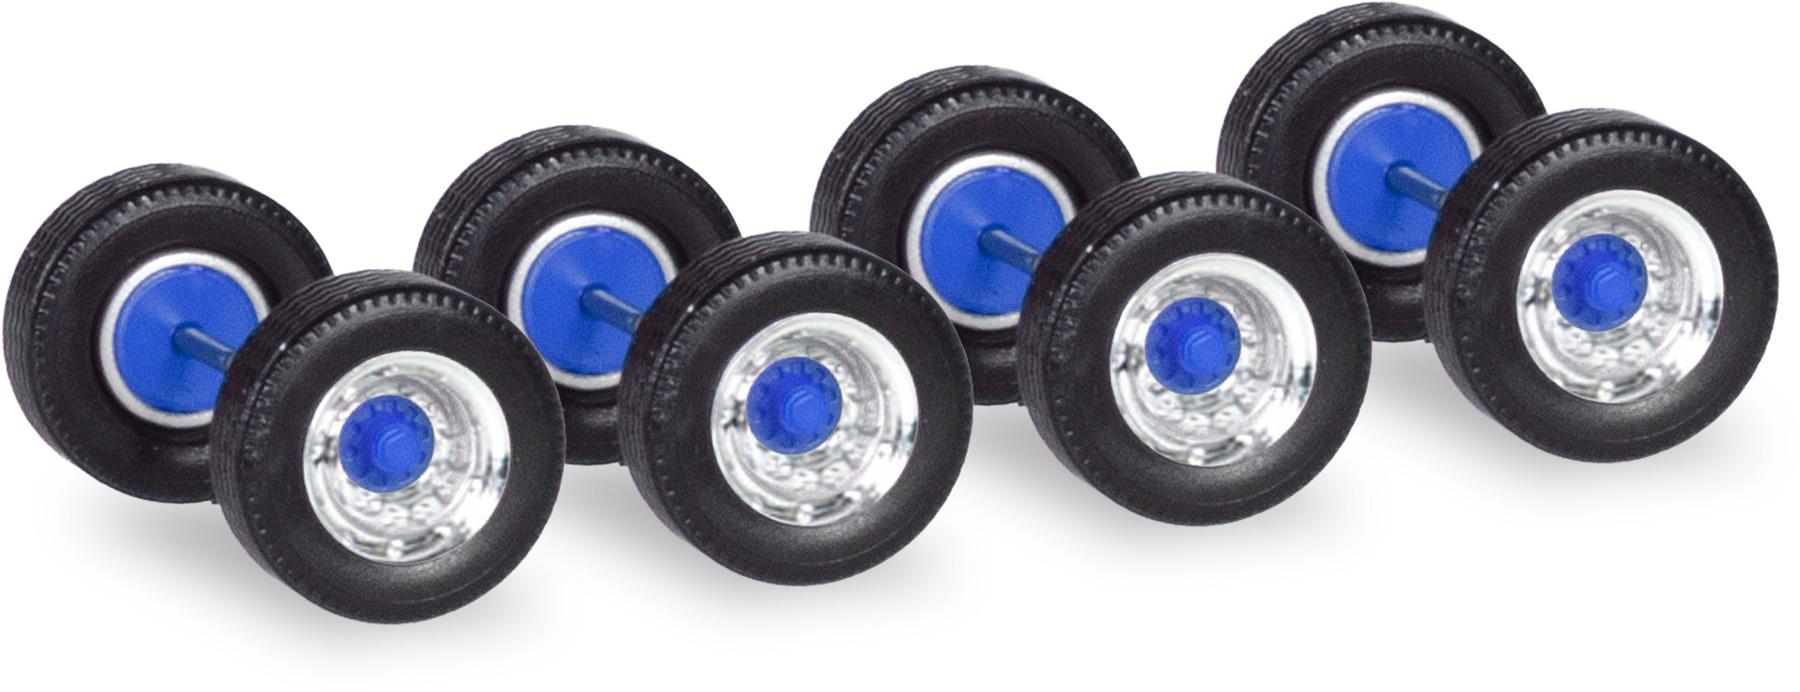 chrom//blau Herpa 053891  12 Radsätze Breitreifen für Auflieger